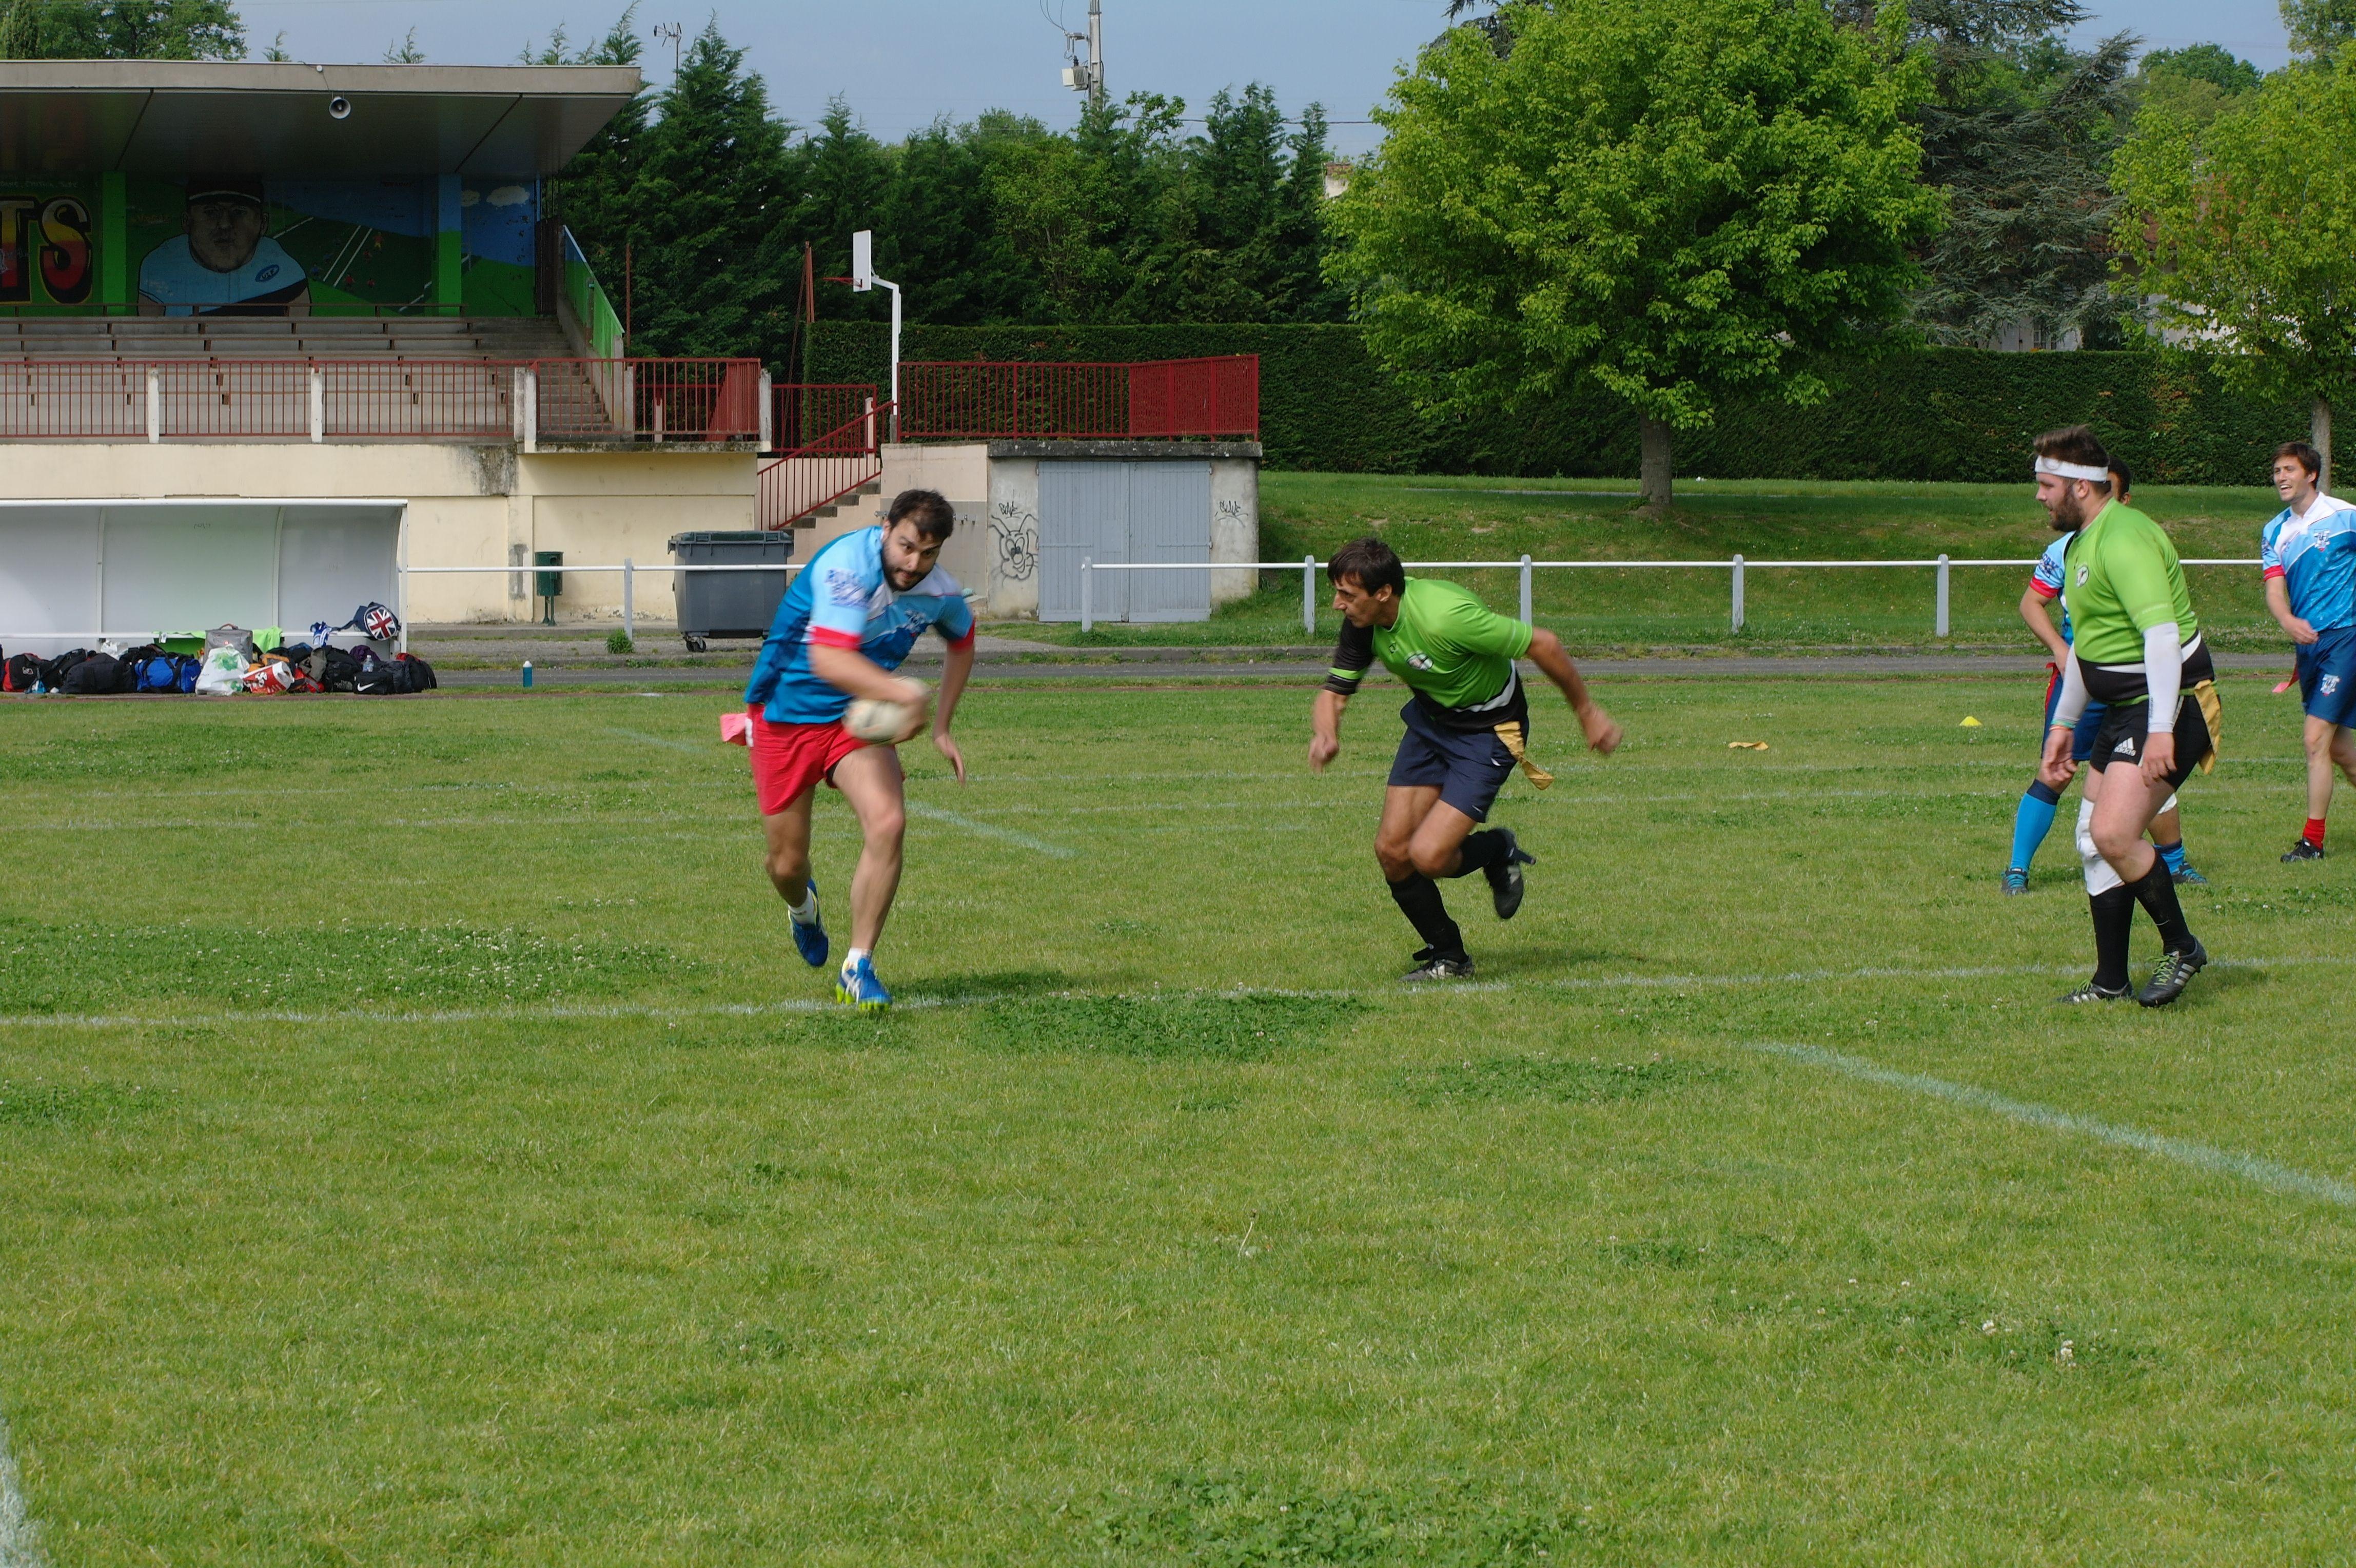 Dès le premier match, l'attaque de l'équipe Rive Gauche donne du fil à retordre à l'adversaire